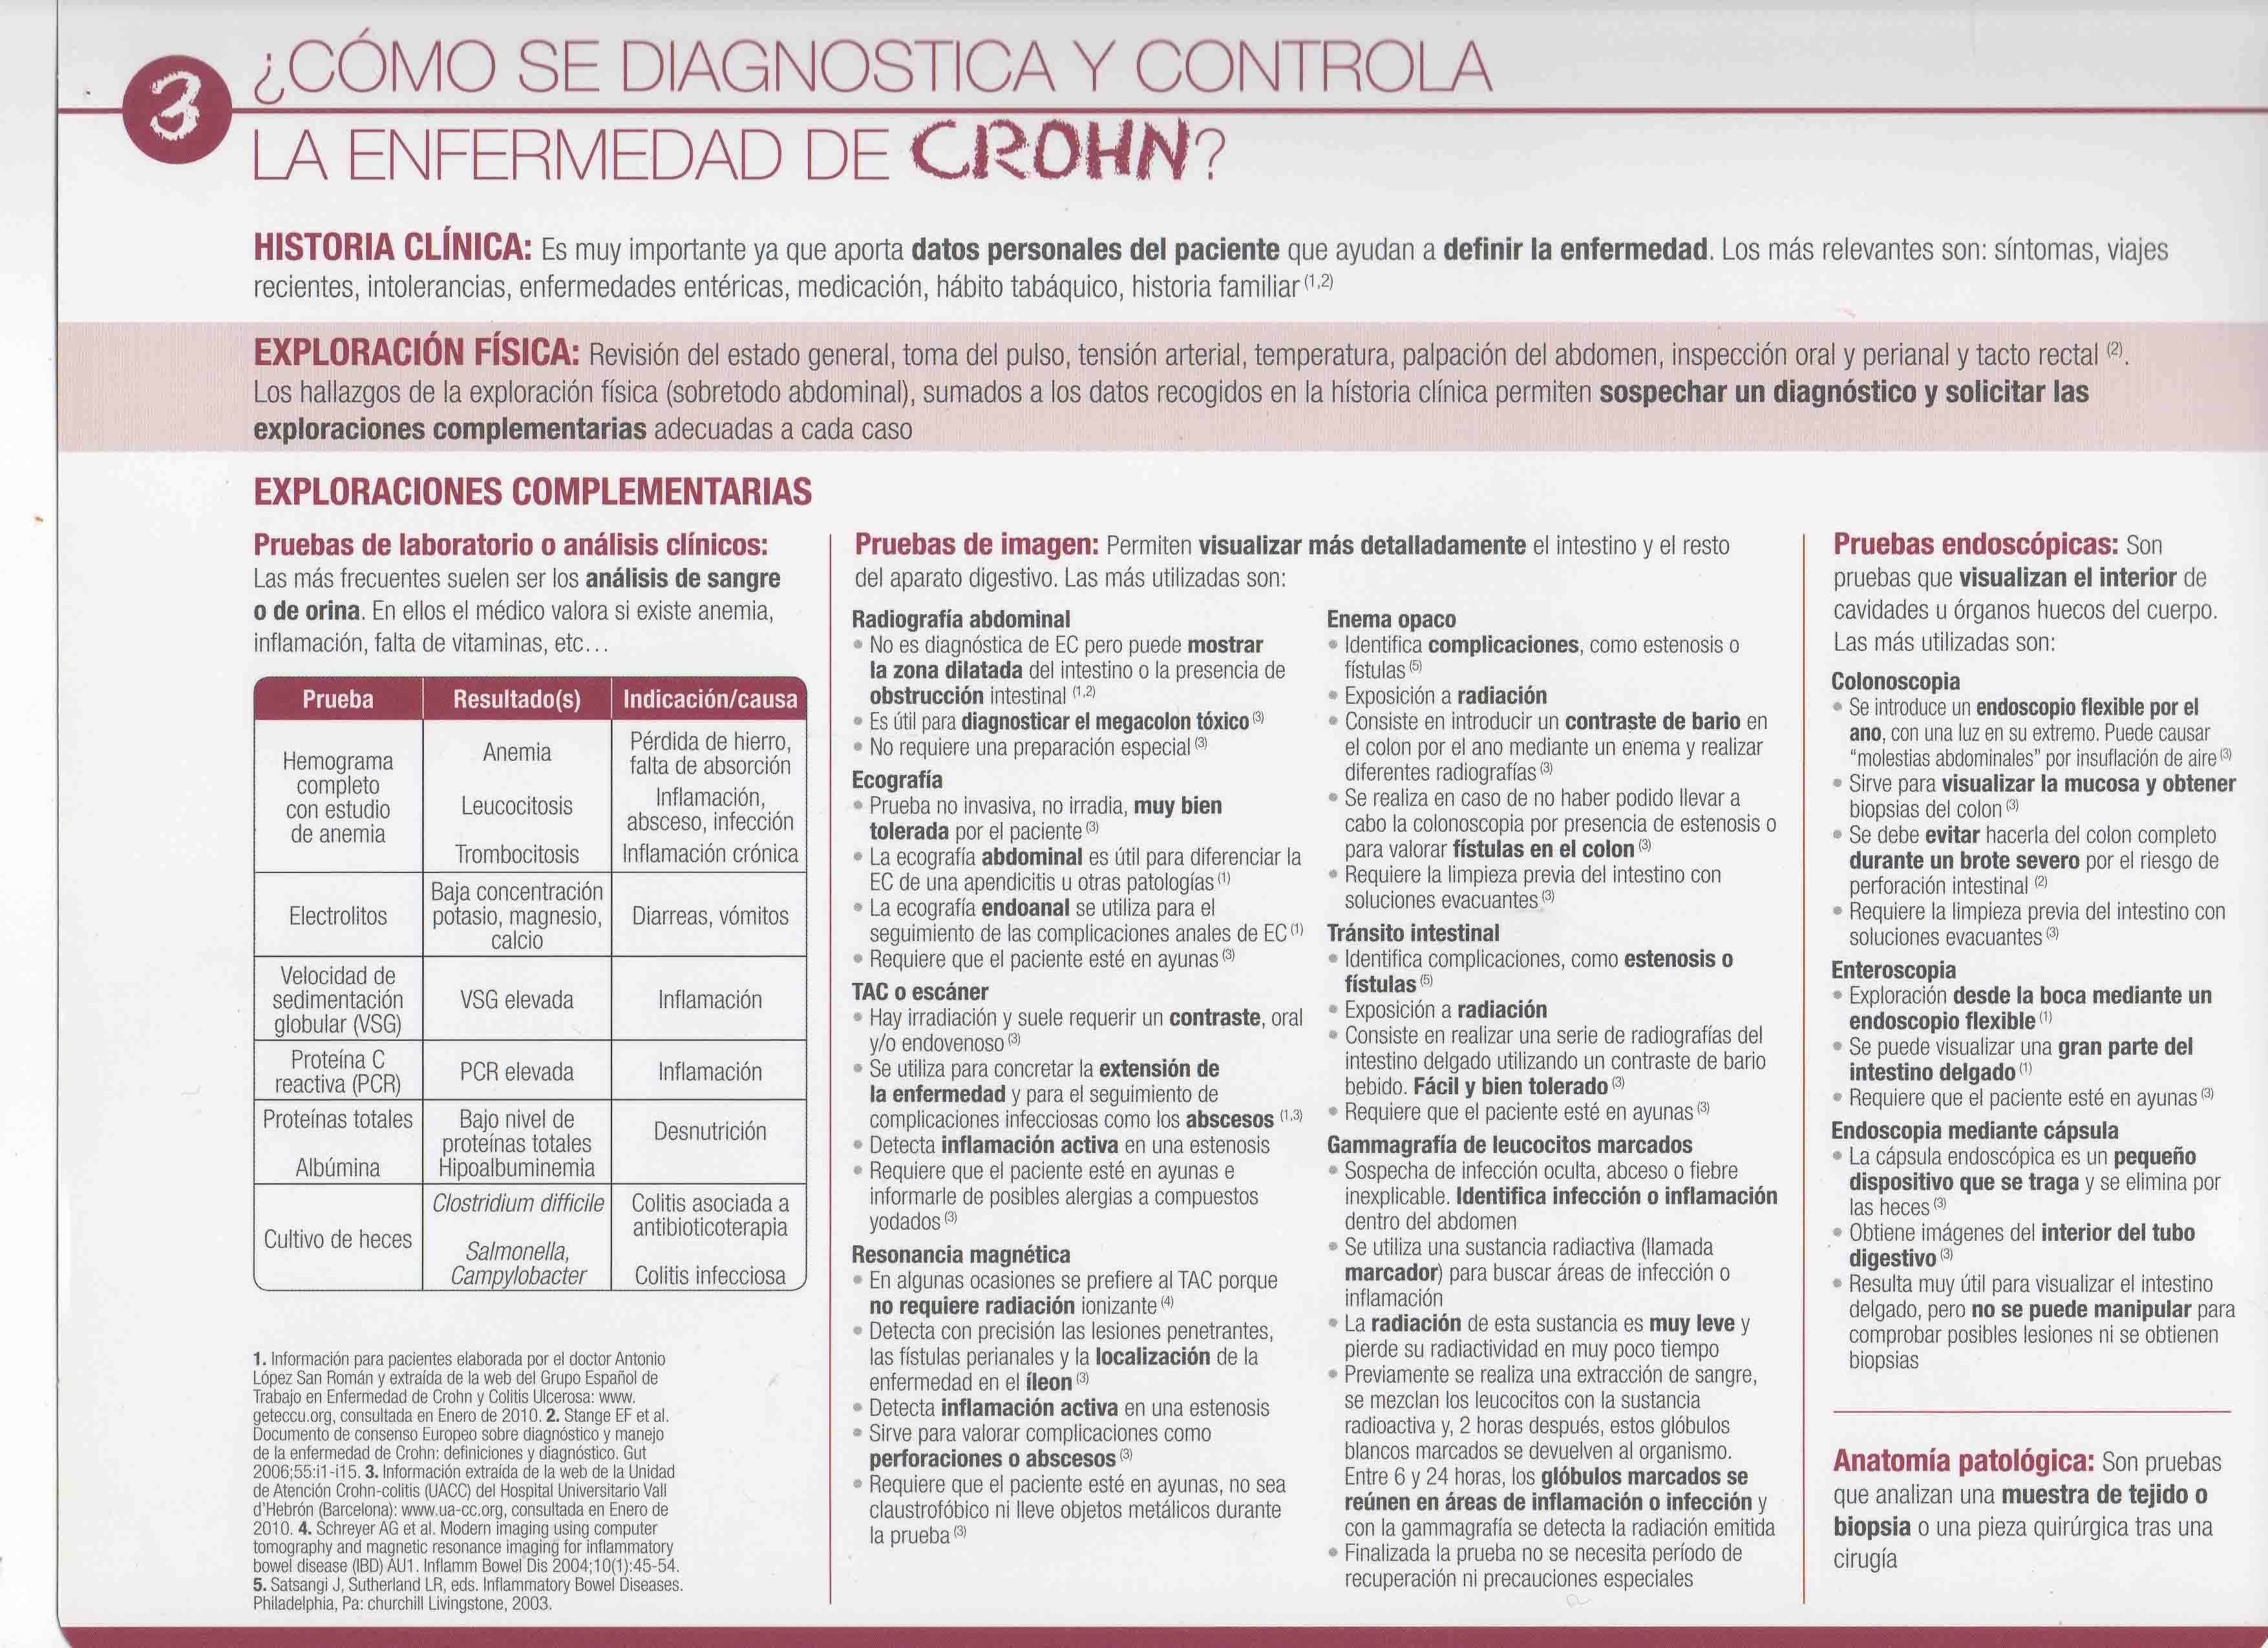 La enfermedad de Crohn en diapositivas | PUÇOL-CROHN